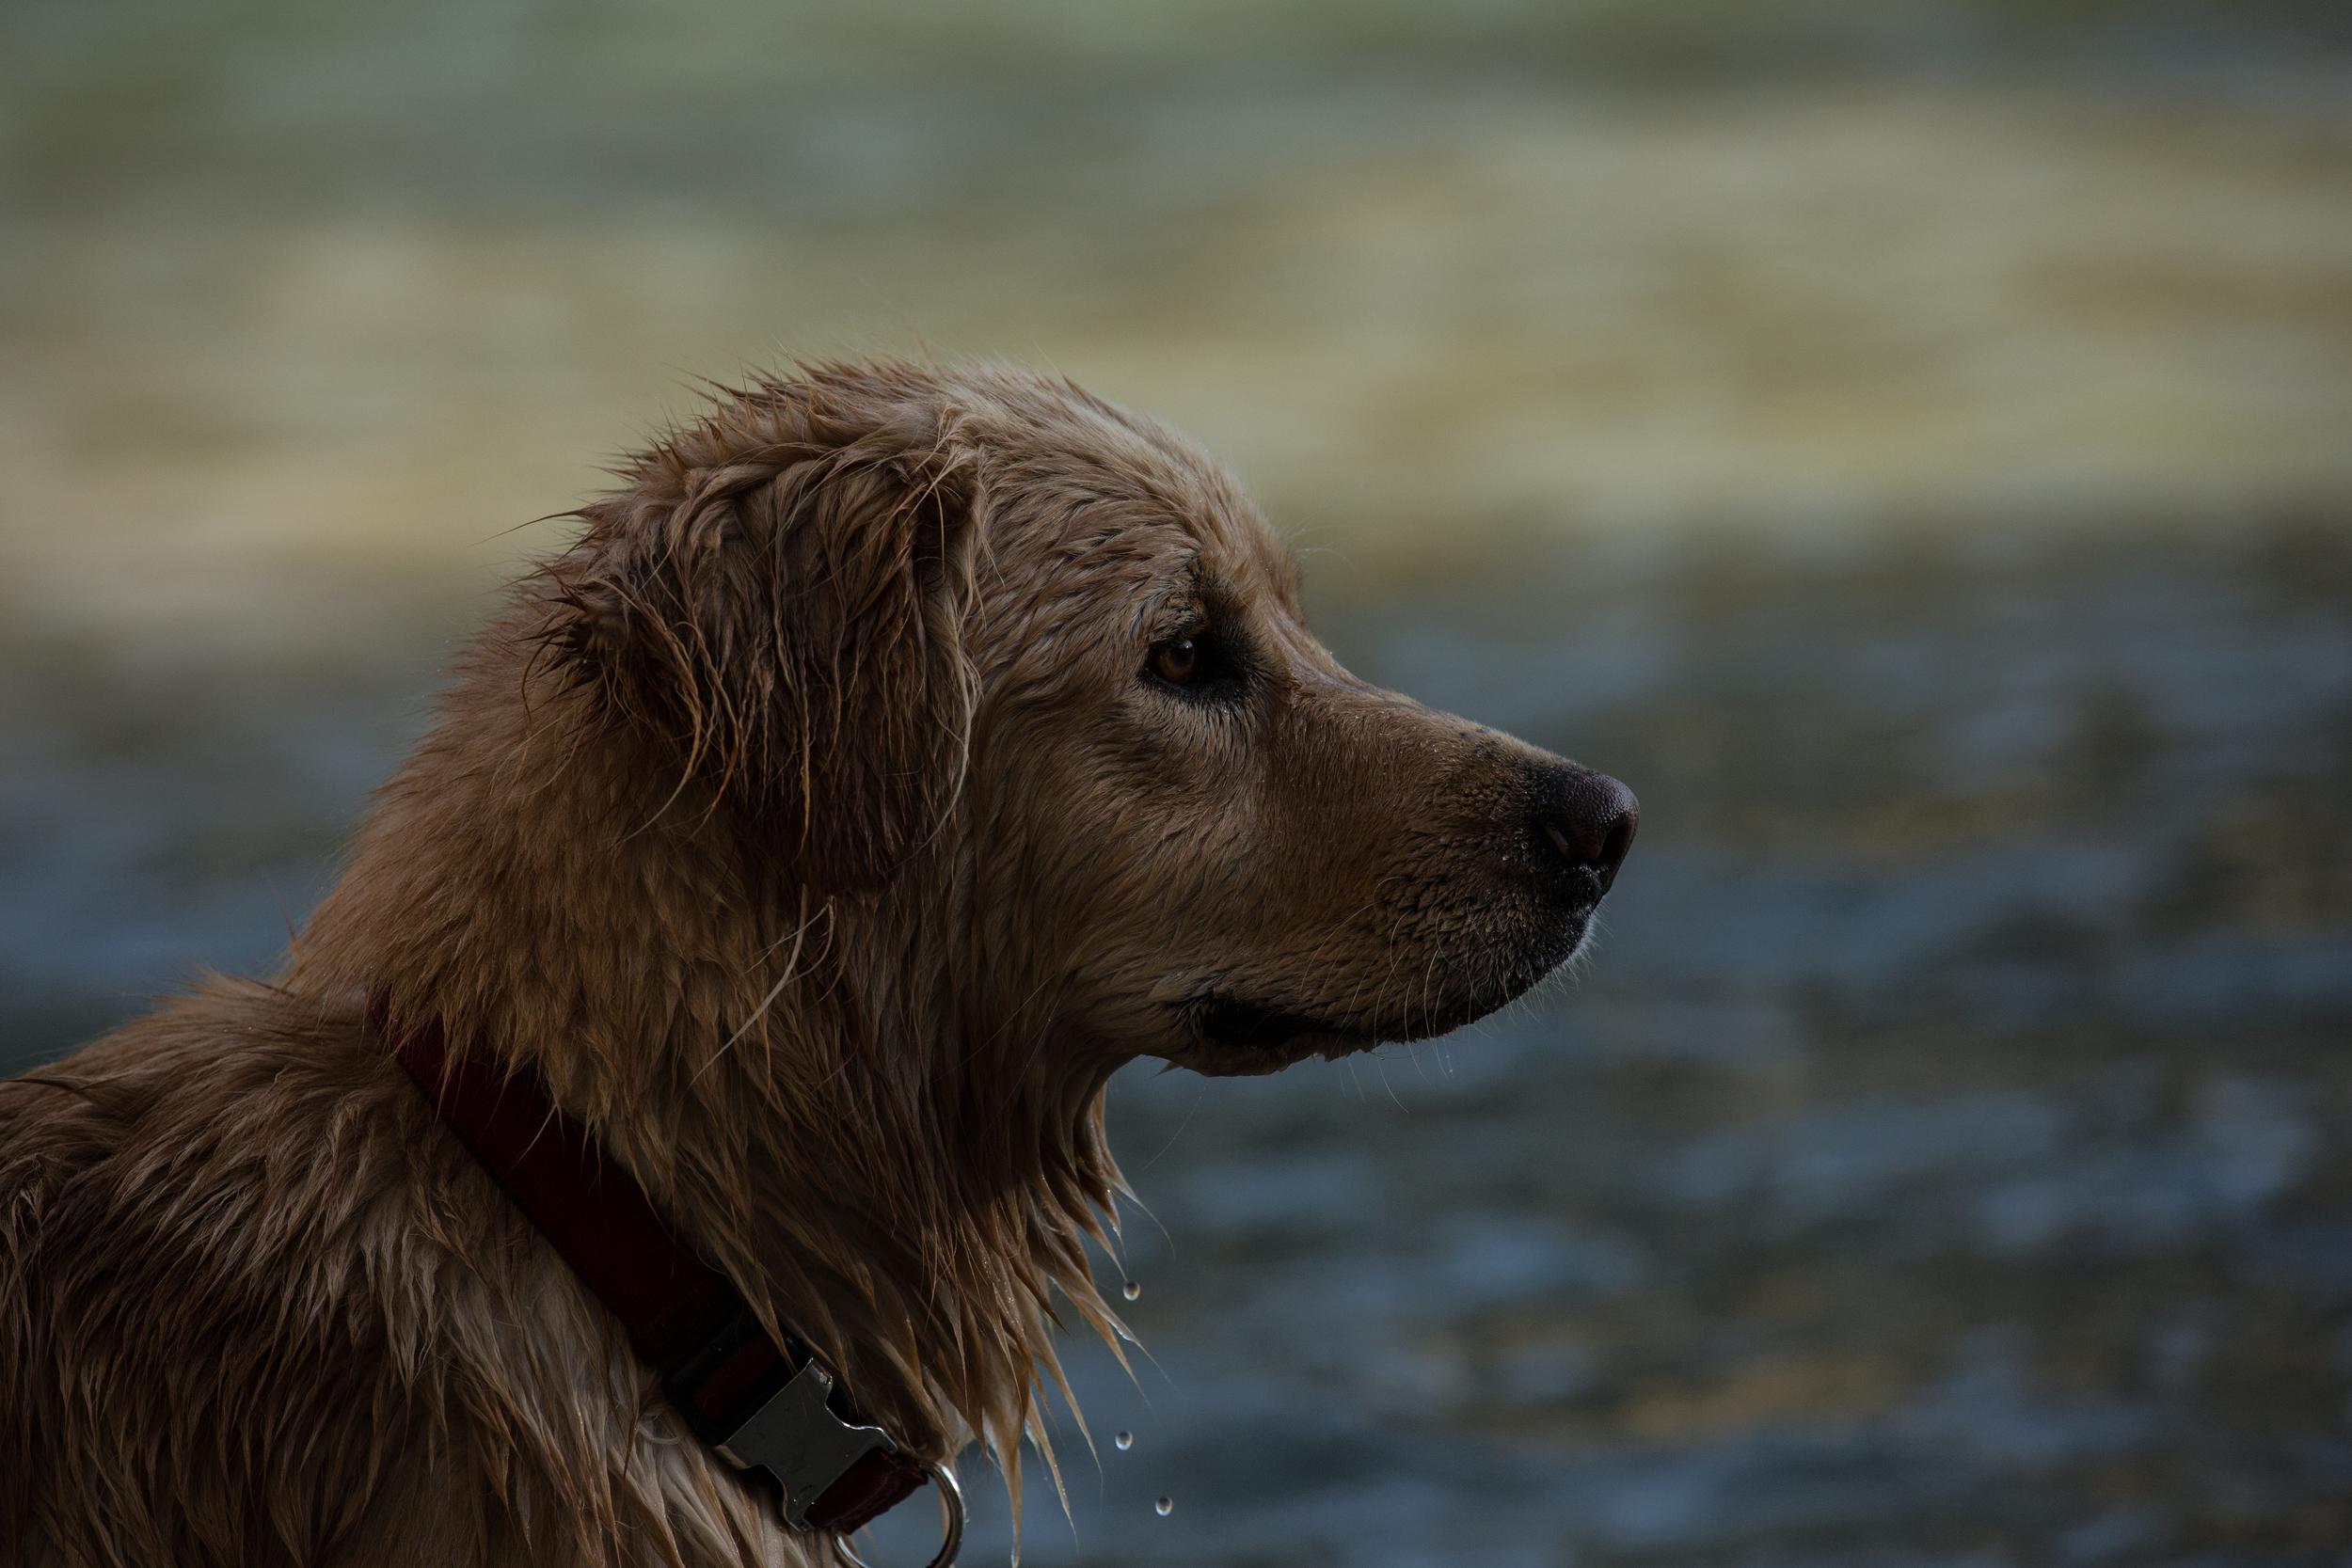 Wonderful wet dog